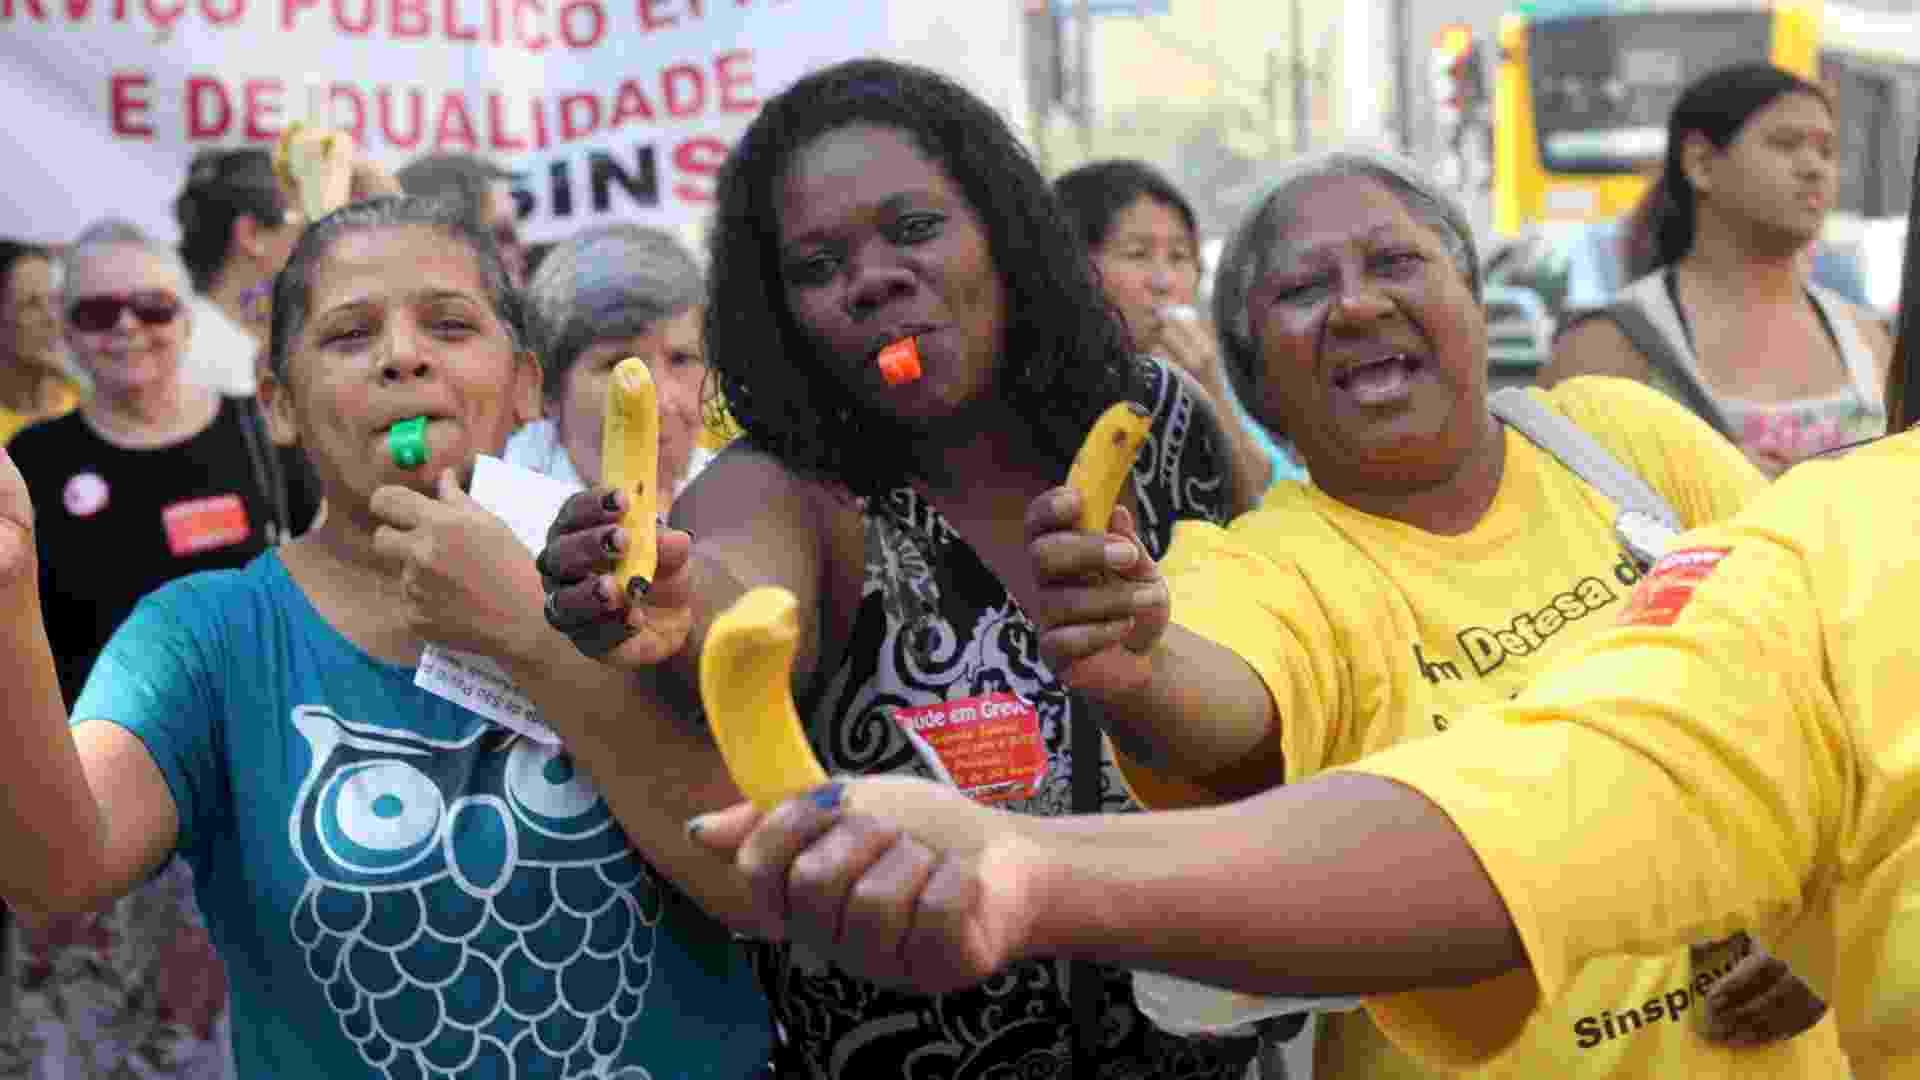 25.jul.2012 - Servidores públicos federais da área da saúde distribuíram bananas em uma passeata pelas ruas do centro de São Paulo, nesta quarta-feira (25), para pedir melhorias na carreira - Luis Cleber/AE